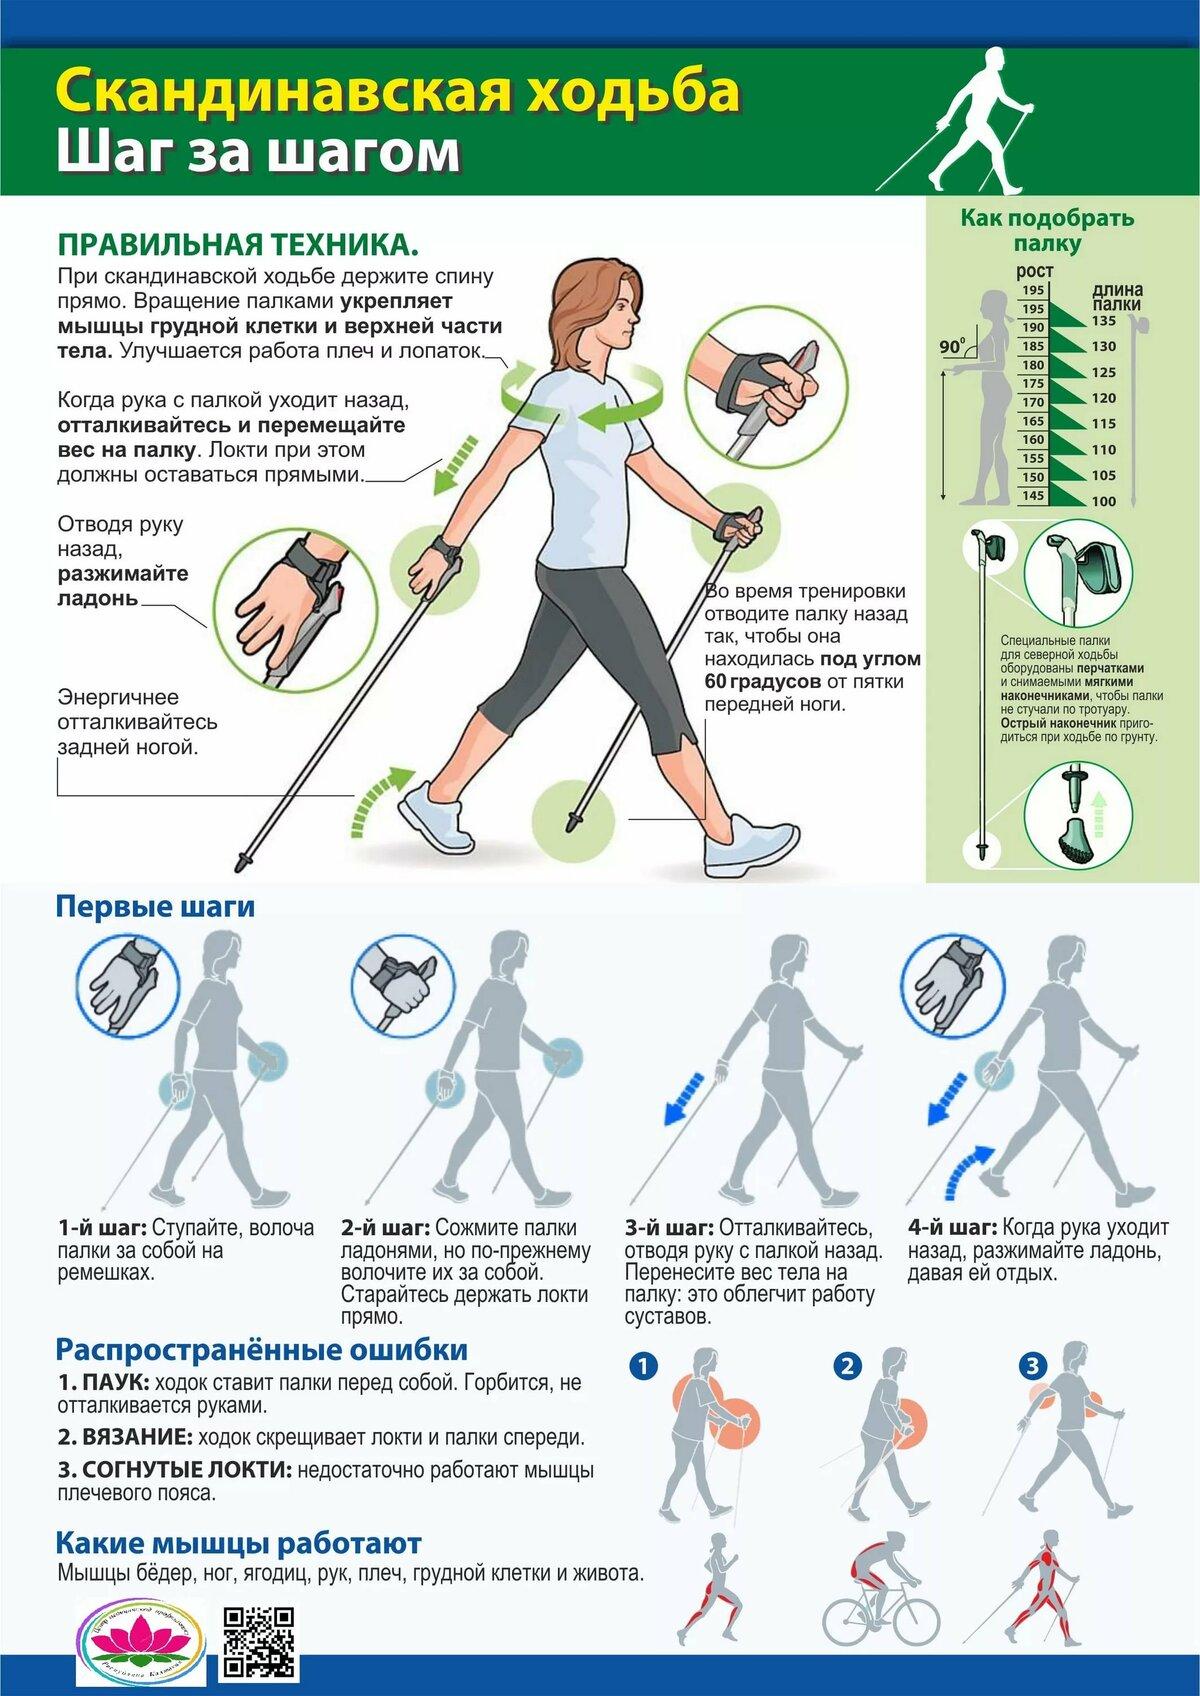 Что такое тренажер скандинавская ходьба и как правильно на нем ходить?